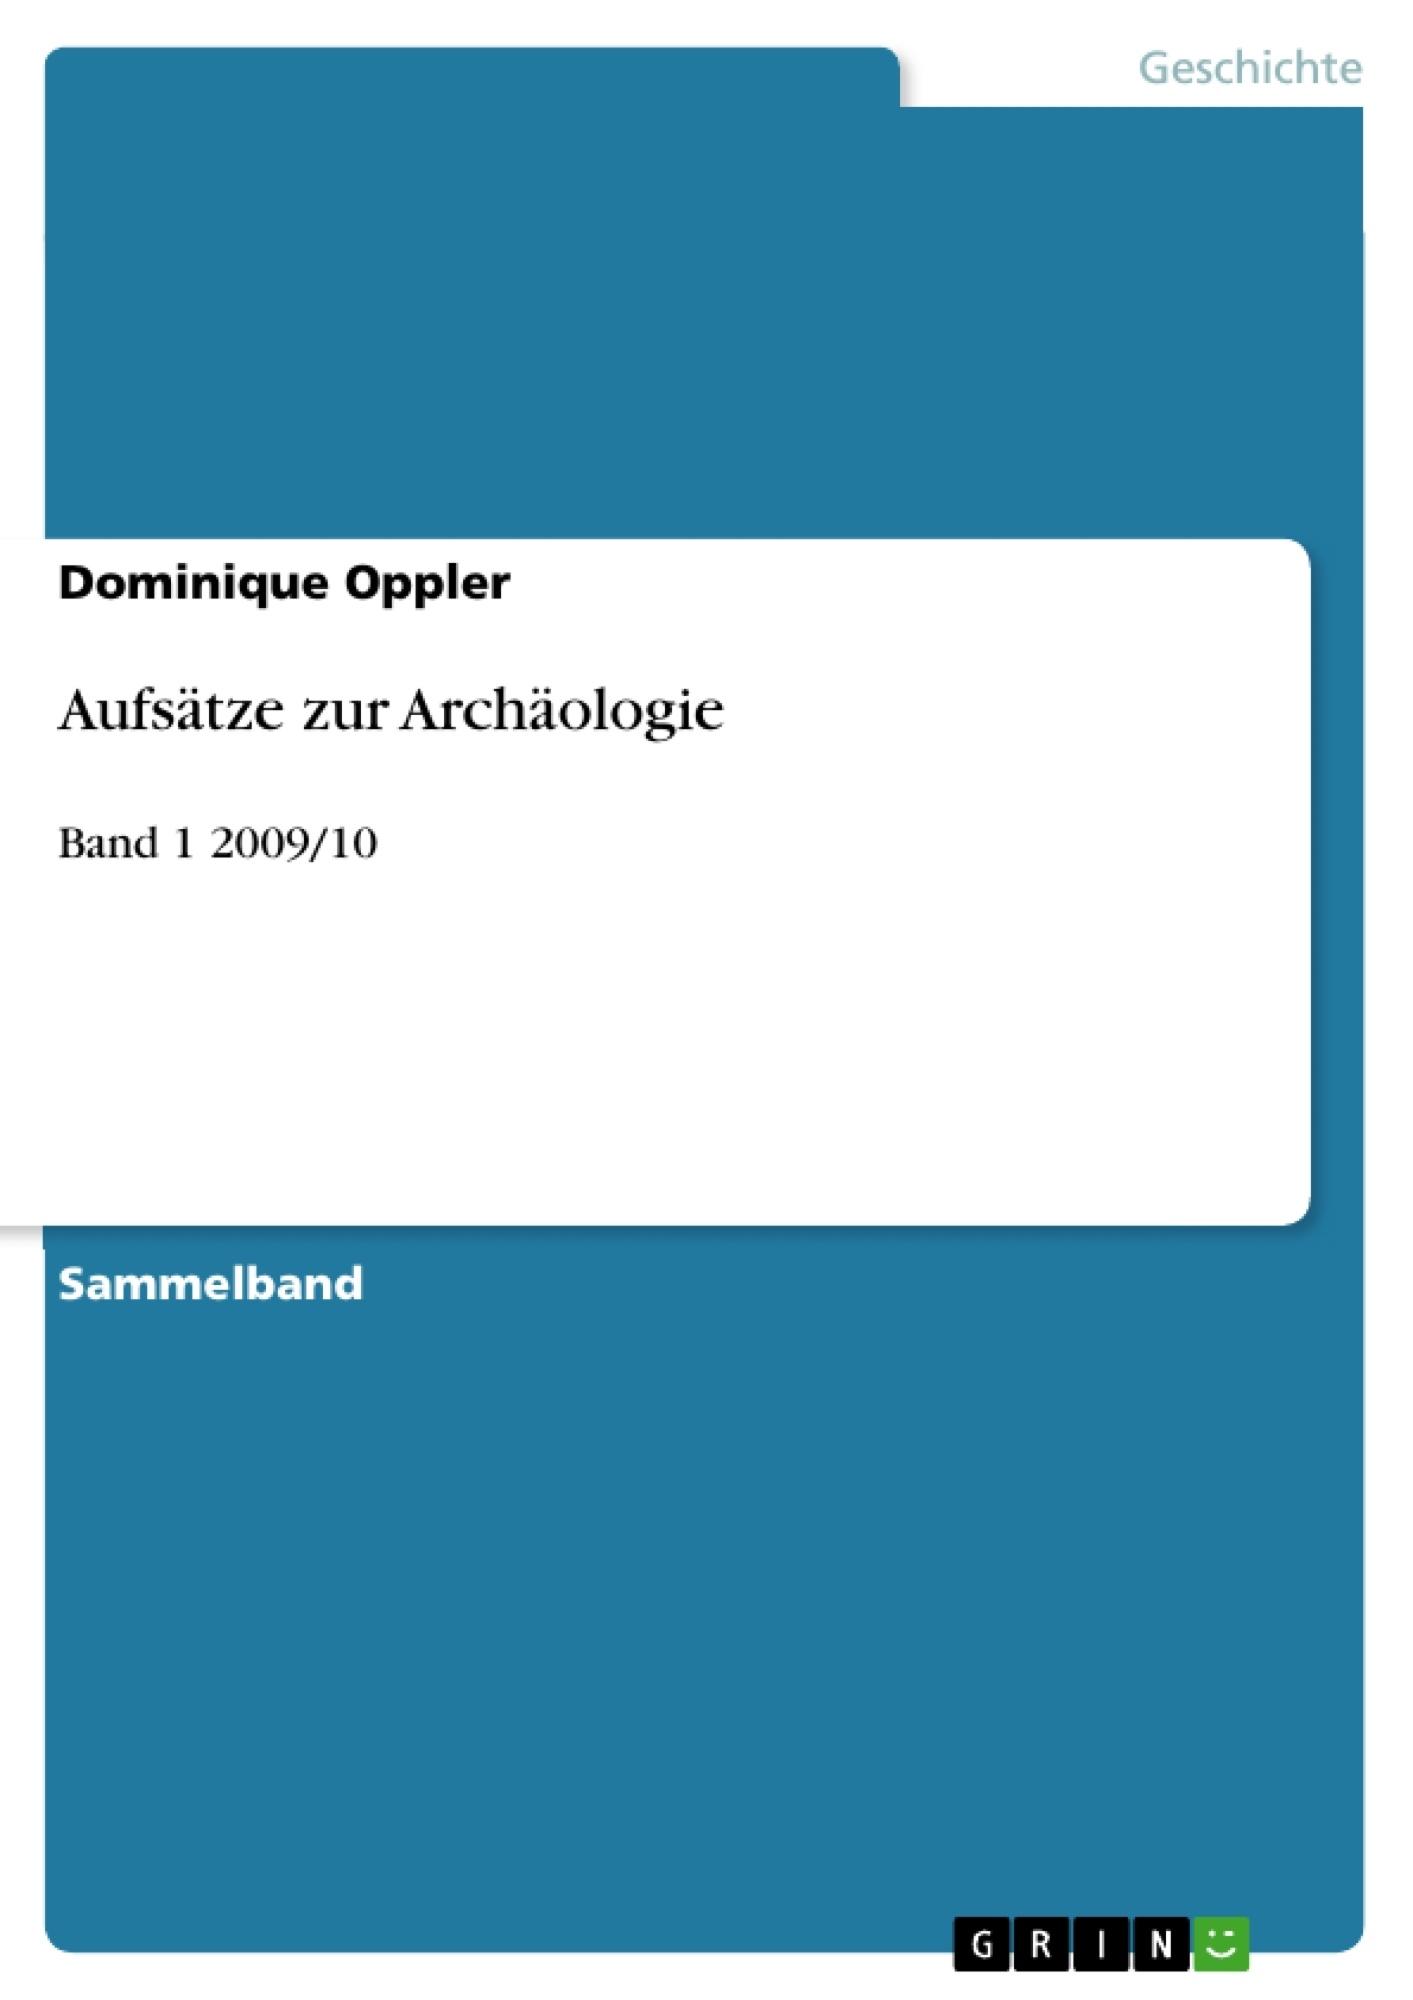 Titel: Aufsätze zur Archäologie